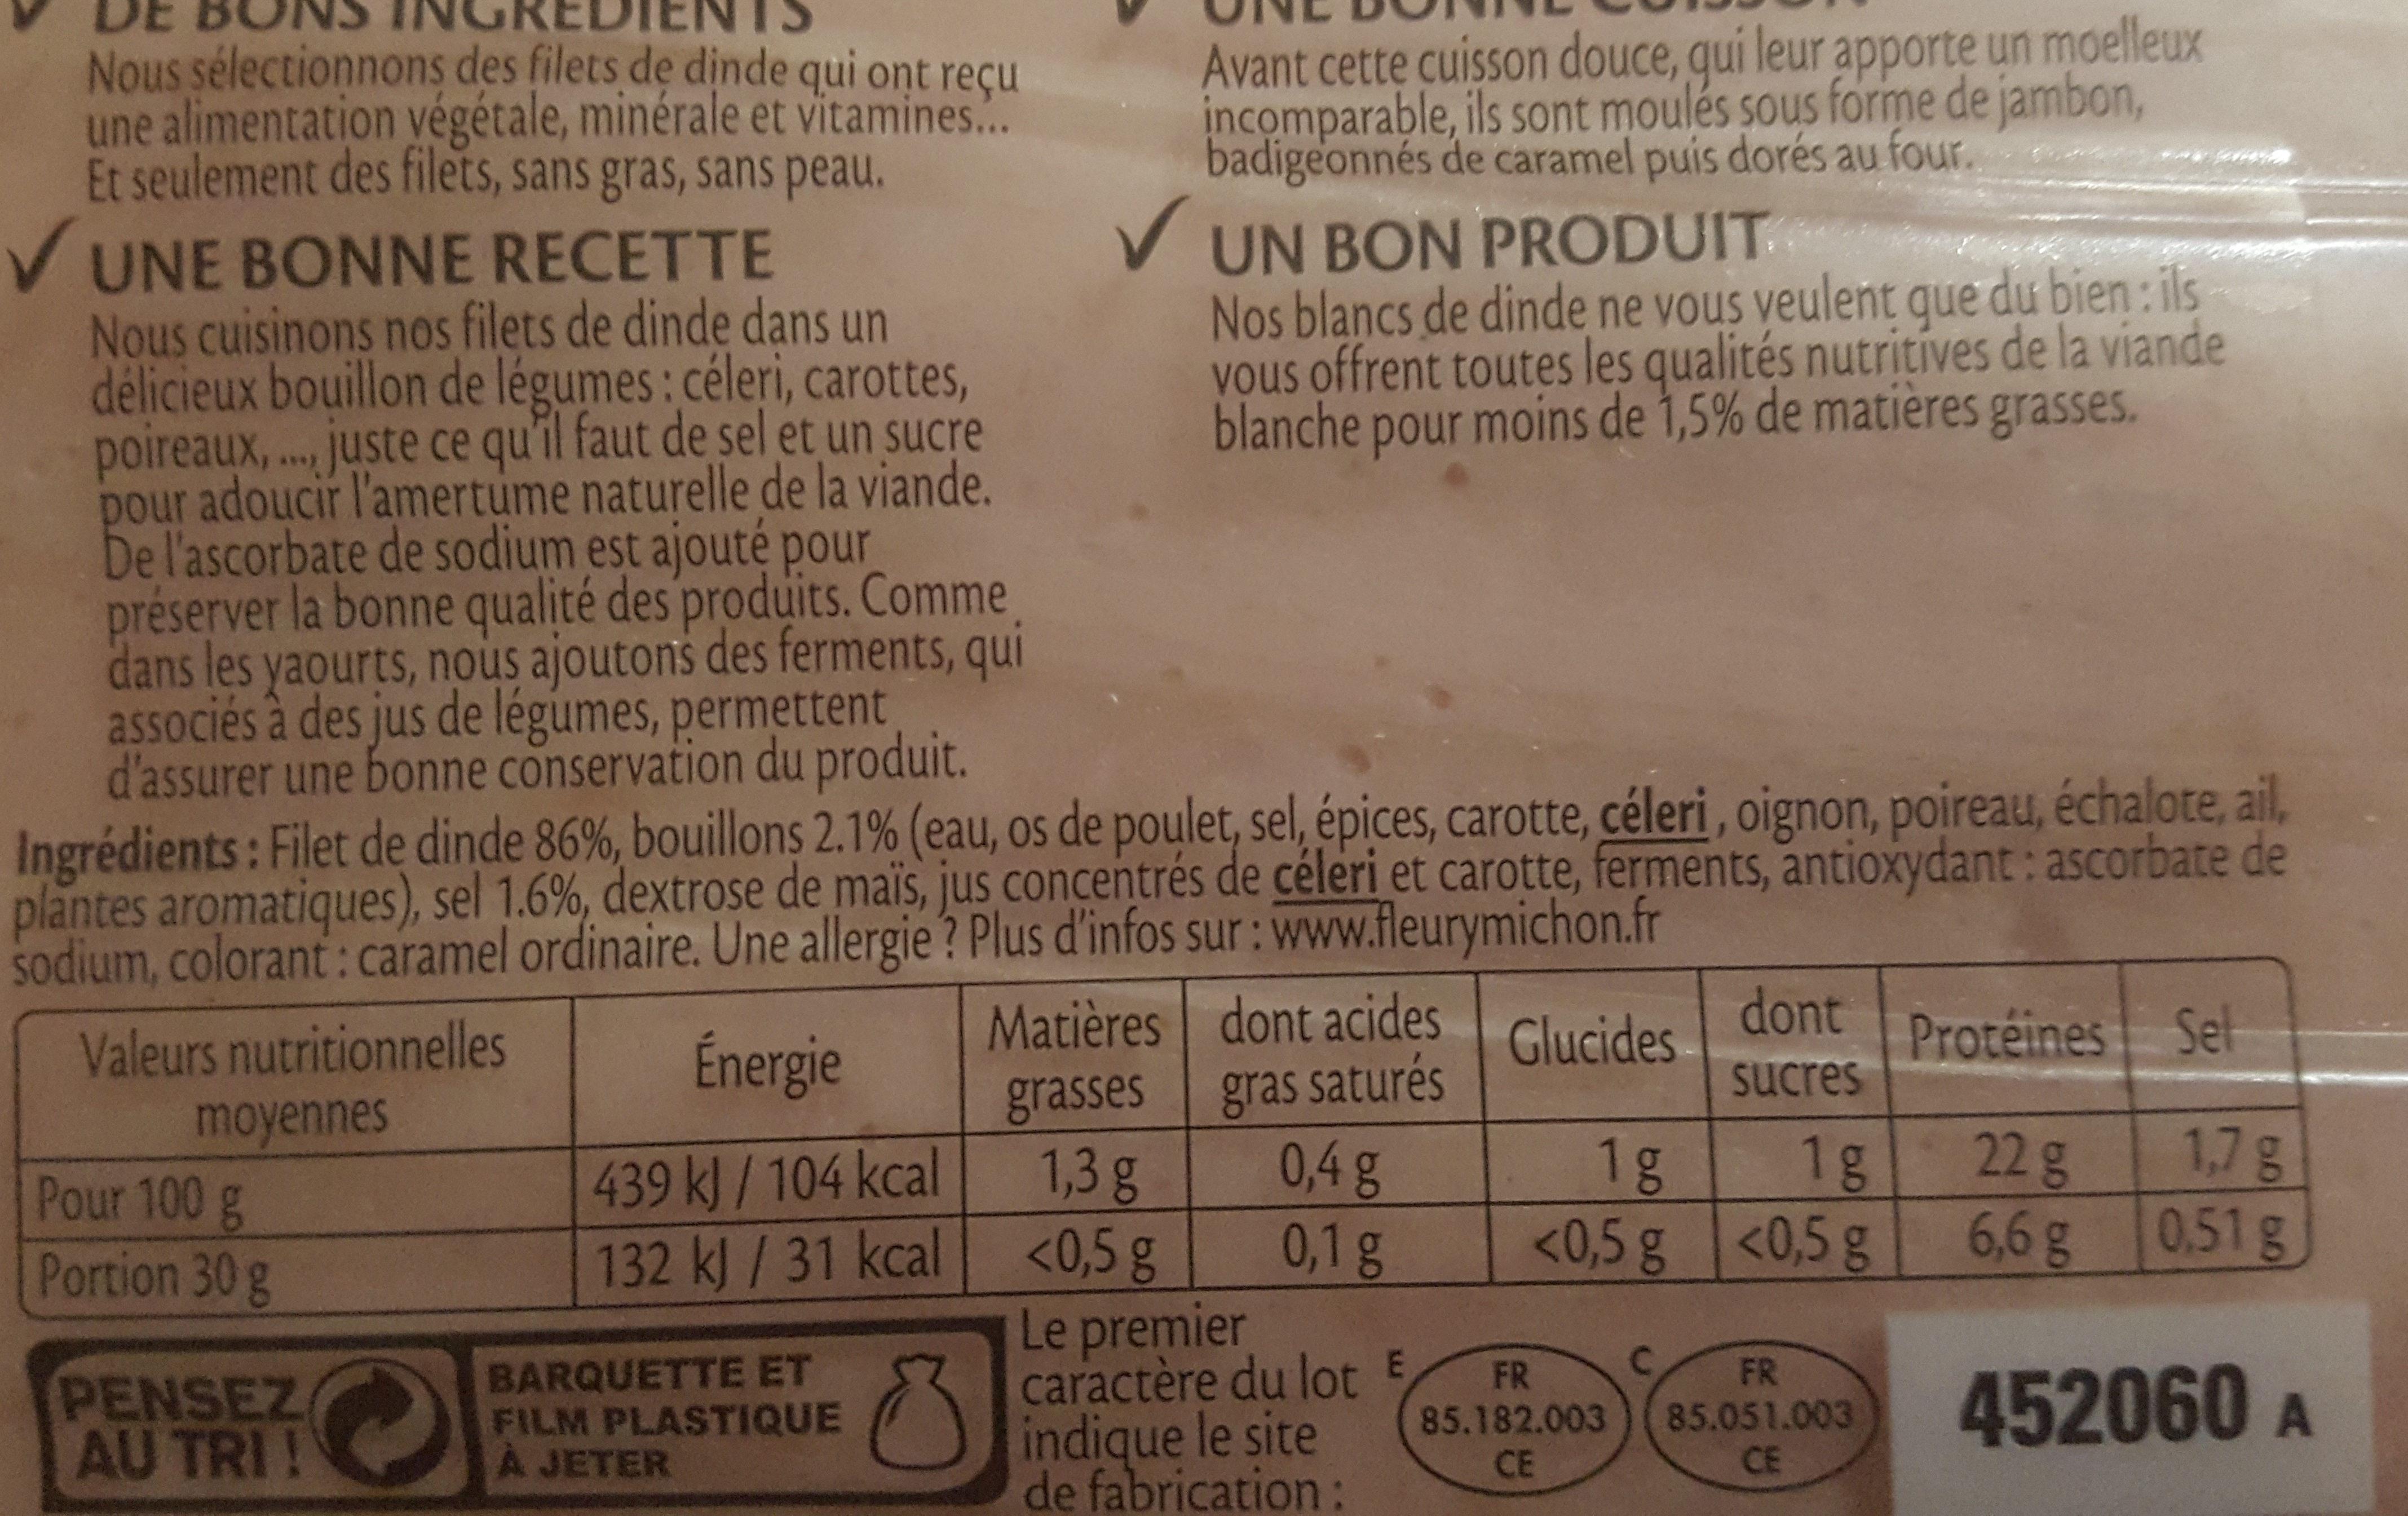 Blanc de dinde doré au four - Informations nutritionnelles - fr